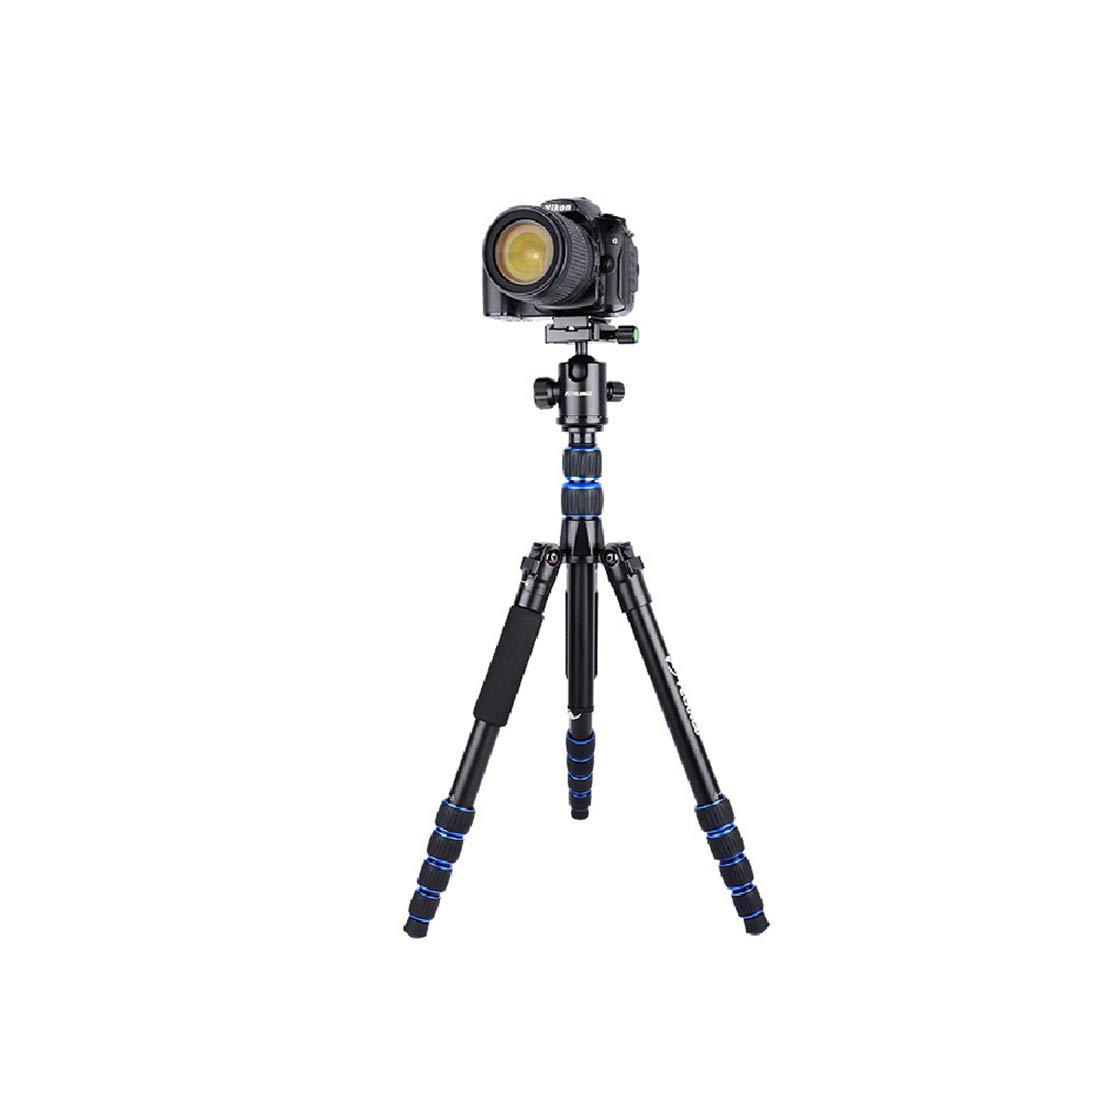 いいスタイル Chen Qin : (Color シングル ブラック) - アンチ三脚プロフェッショナル写真マイクロ - シングルカメラトラベルサポート。 (Color : ブラック) B07KWKJD1D, あっちゃんのかばん屋さん:440345fc --- sinefi.org.br